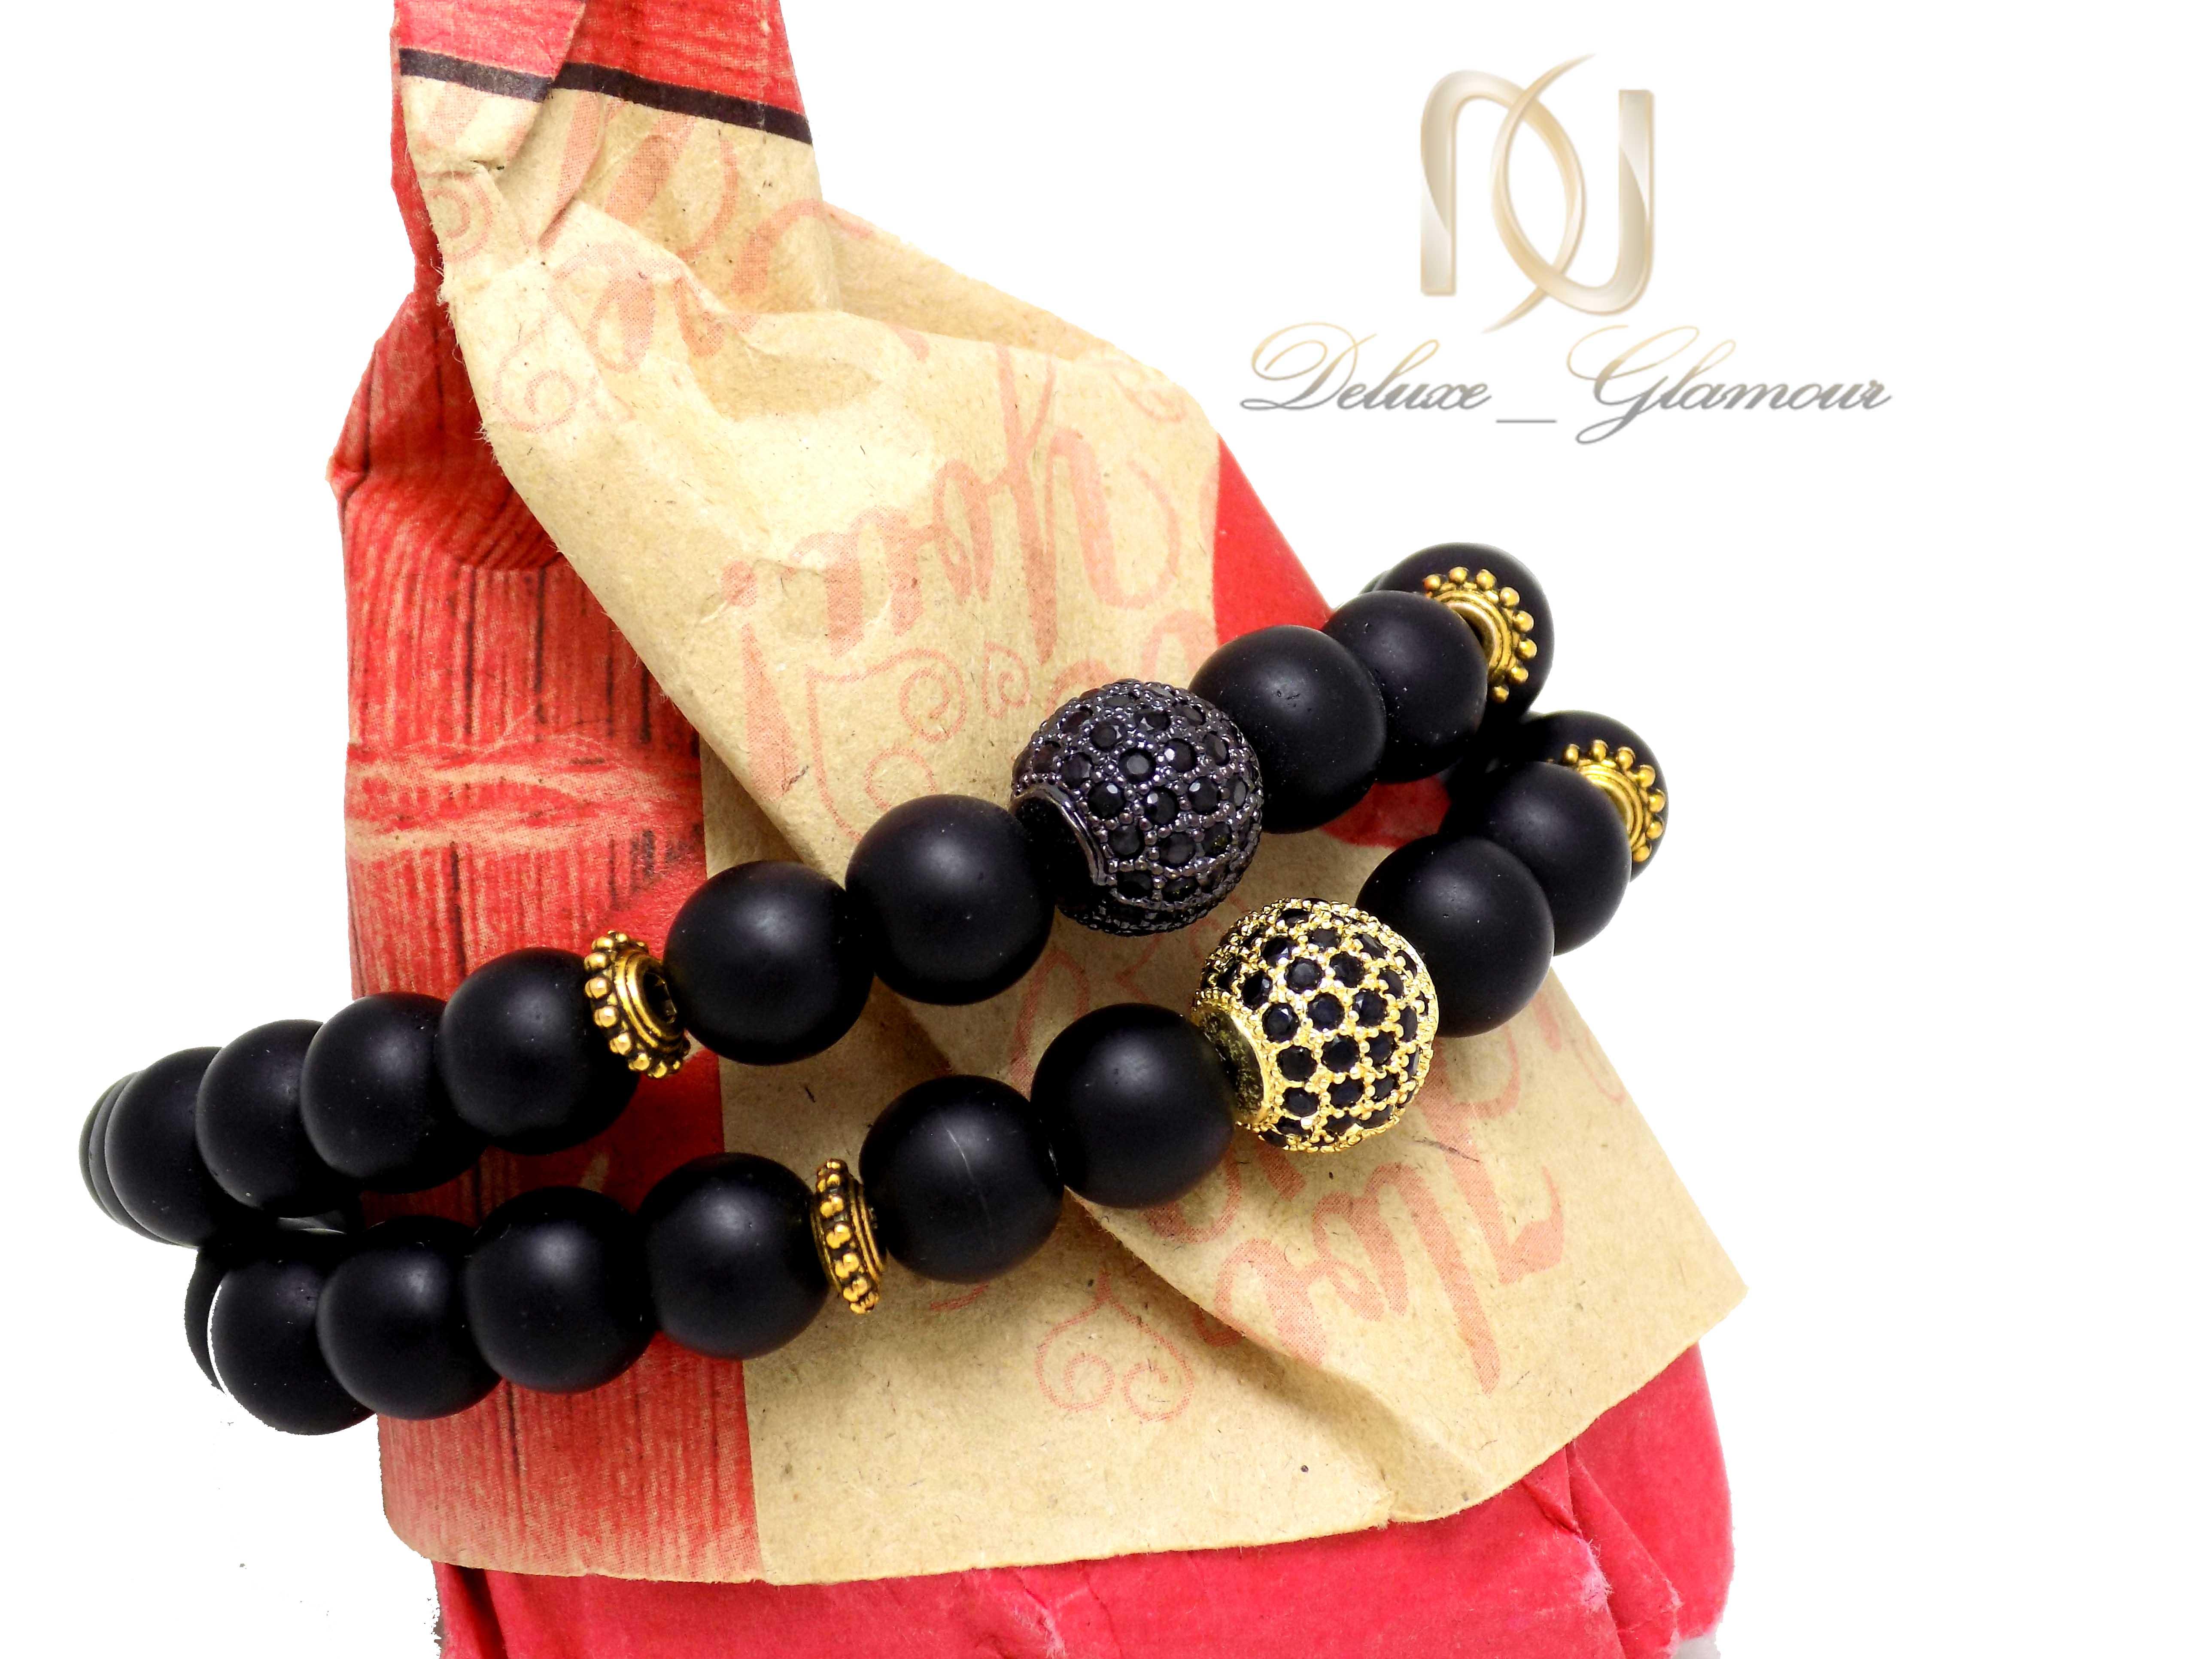 ست دستبند دخترانه و پسرانه طرح کروی Ds-n331 - عکس از بغل